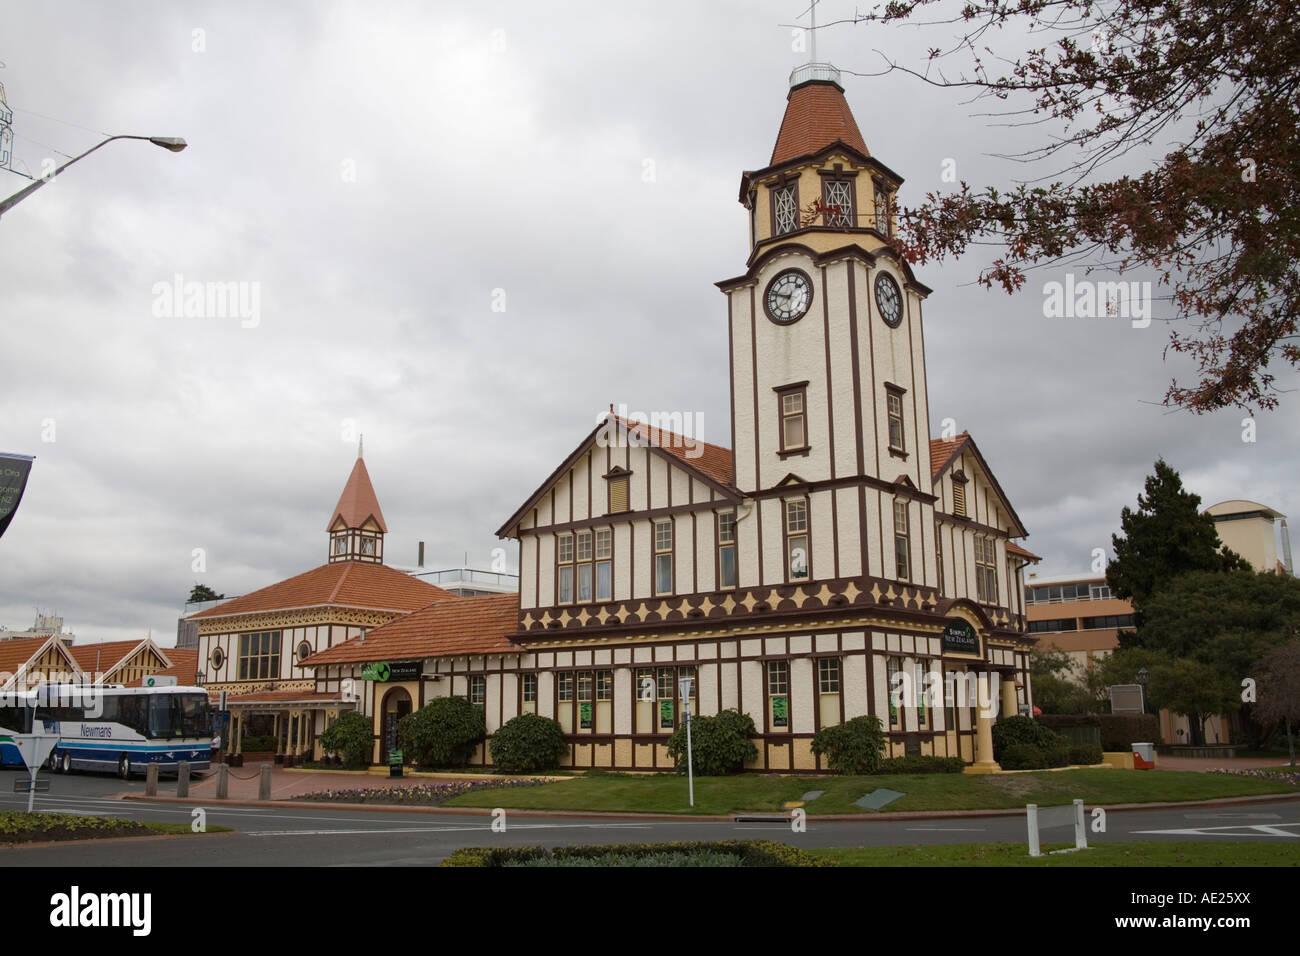 ROTORUA NORTH ISLAND NEW ZEALAND May Rotorua's Travel and Information Centre building - Stock Image